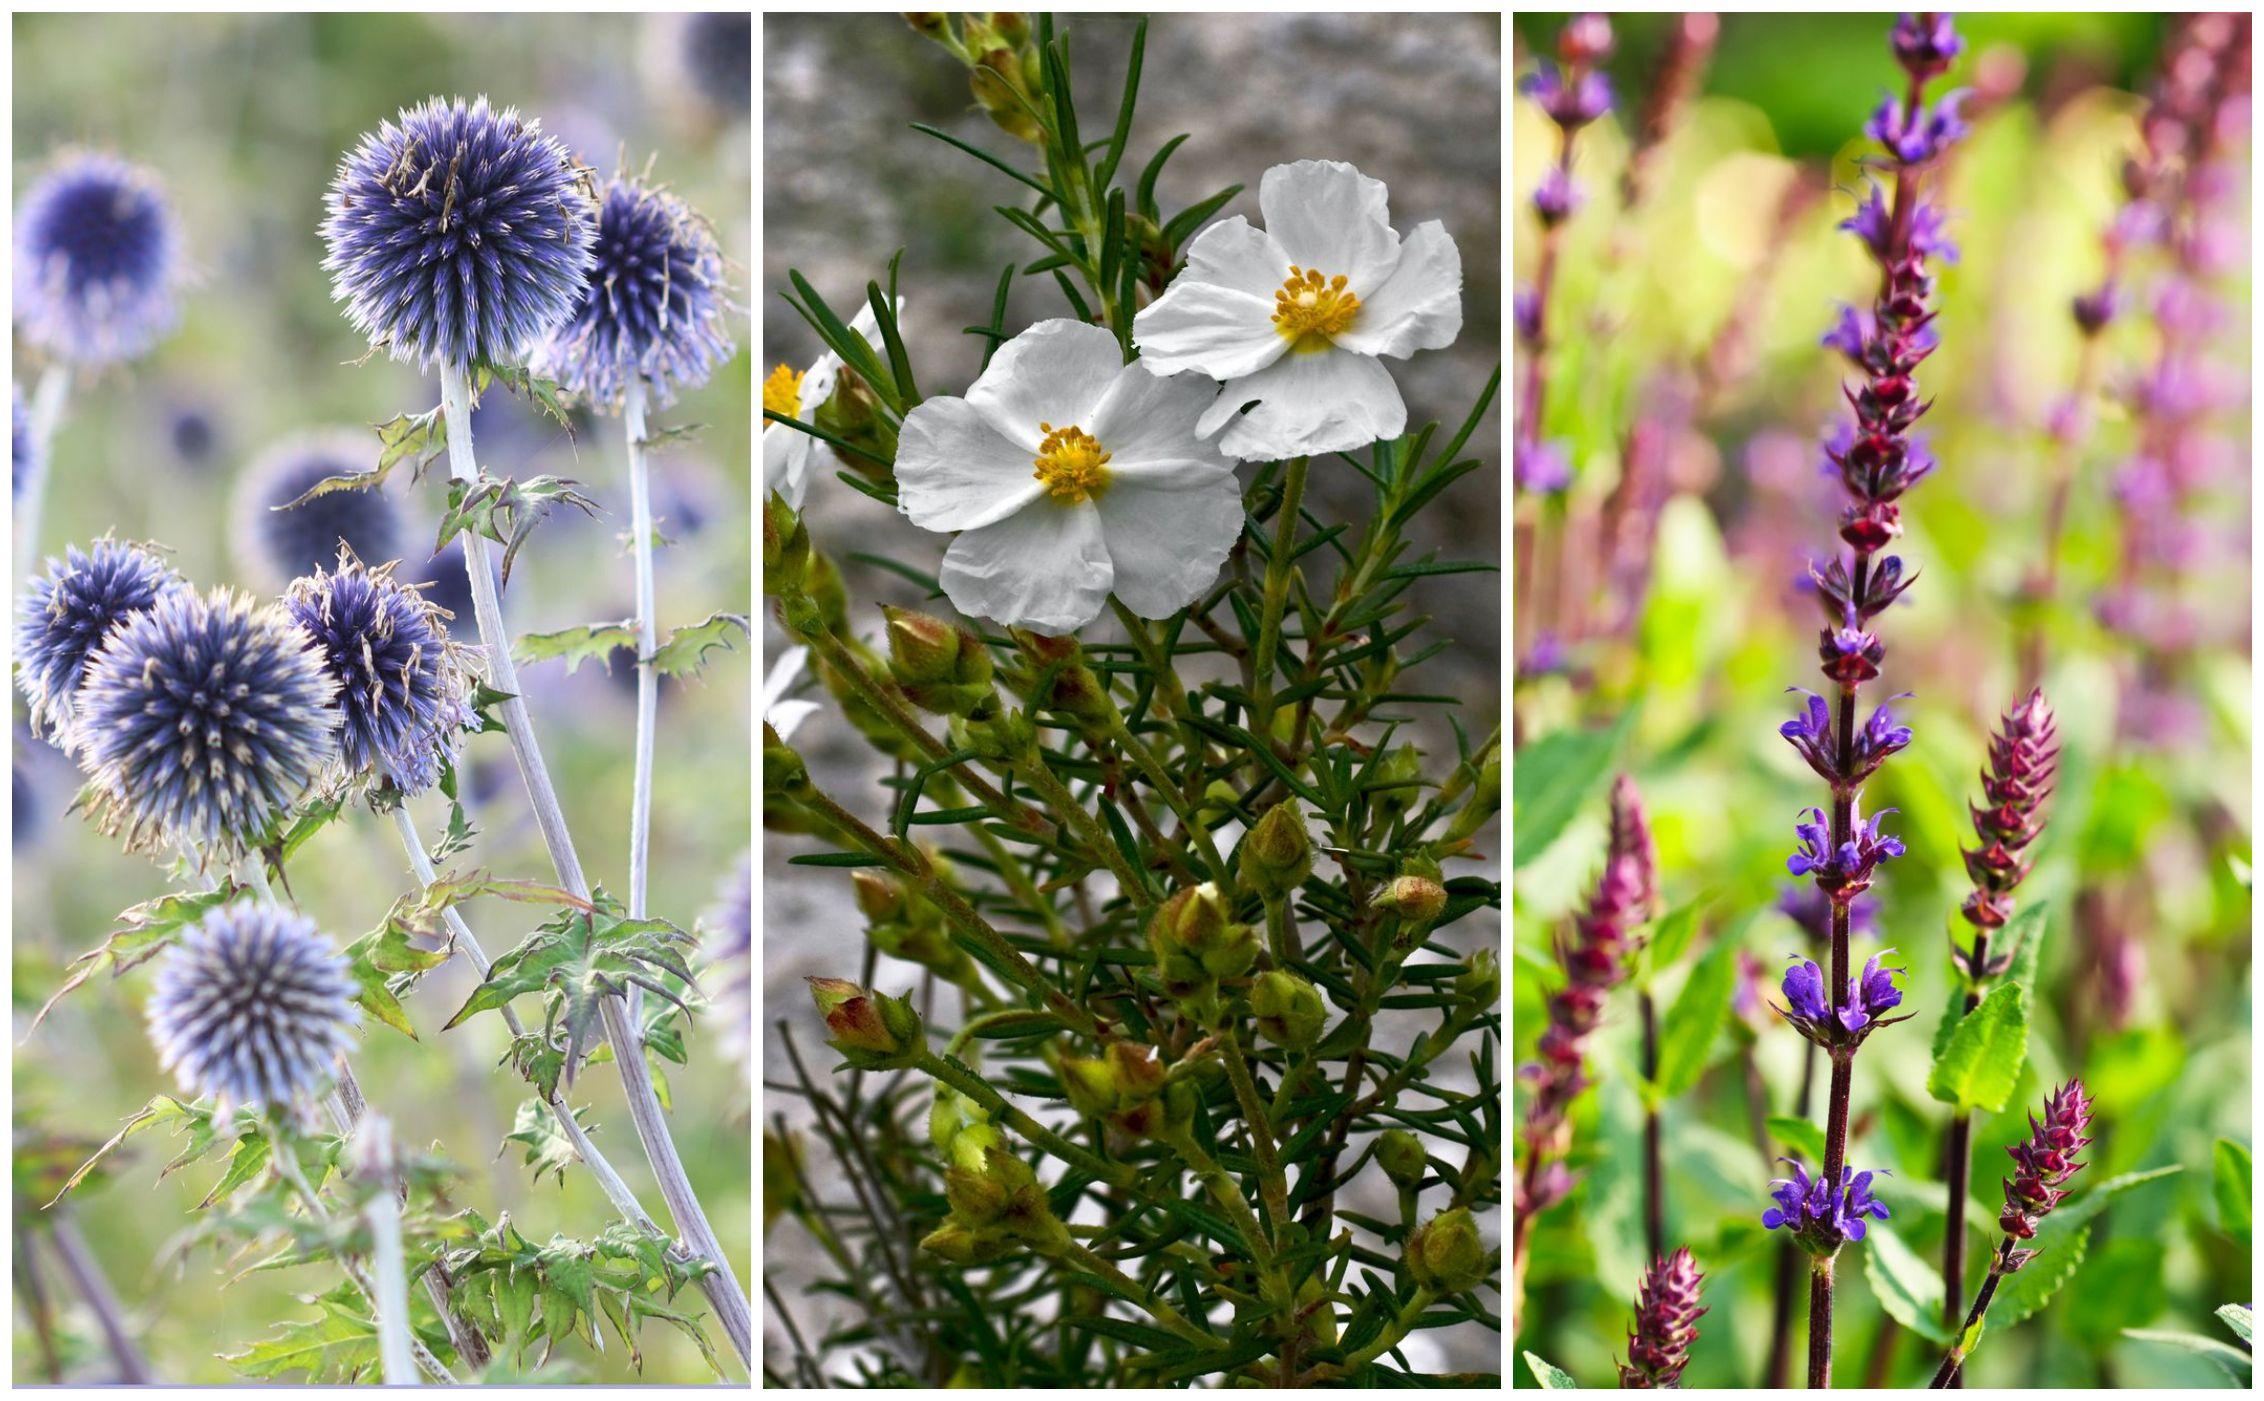 5 Best Drought Tolerant Garden Plants - Heat Tolerant Plants